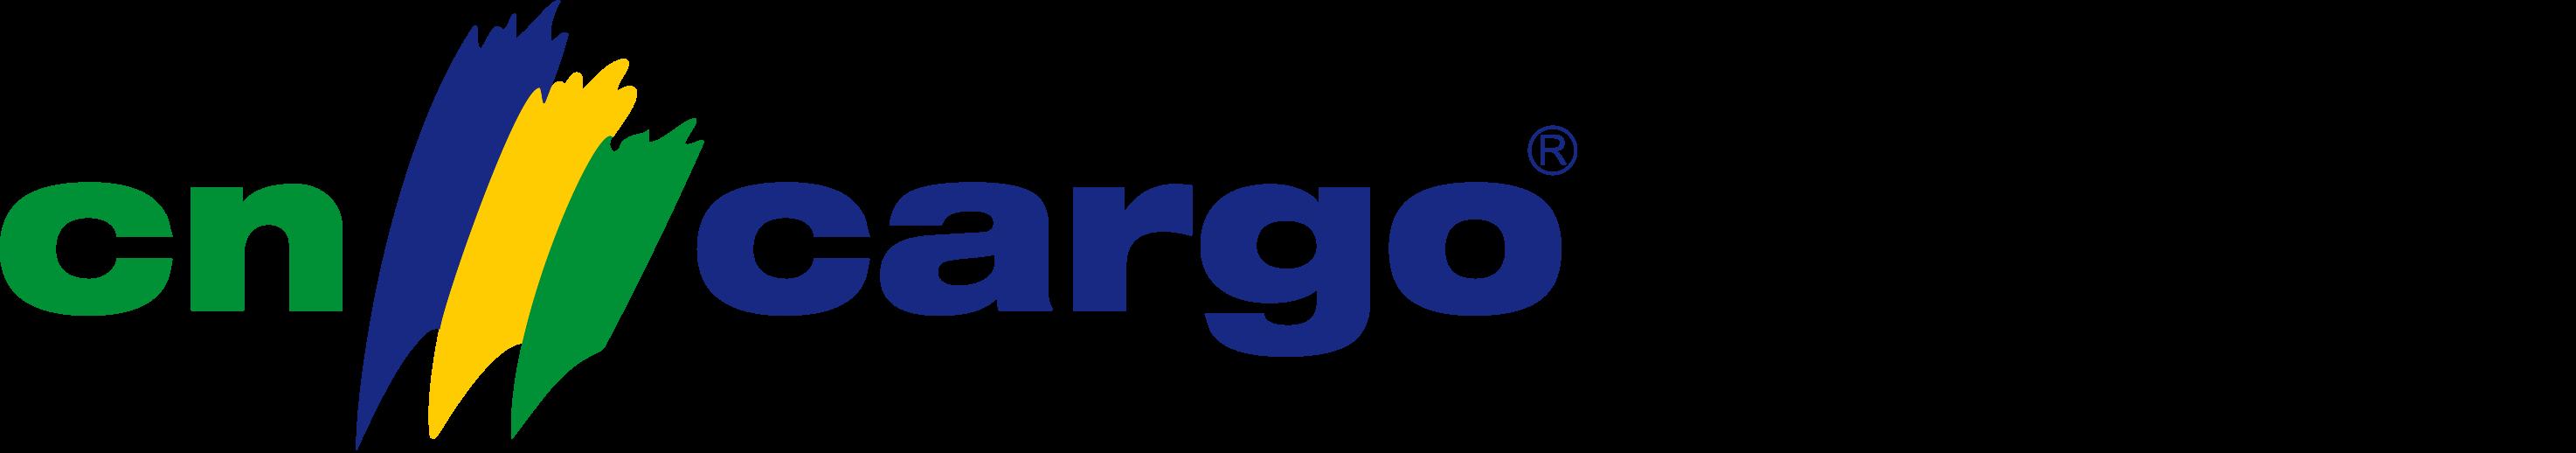 CNCARGO